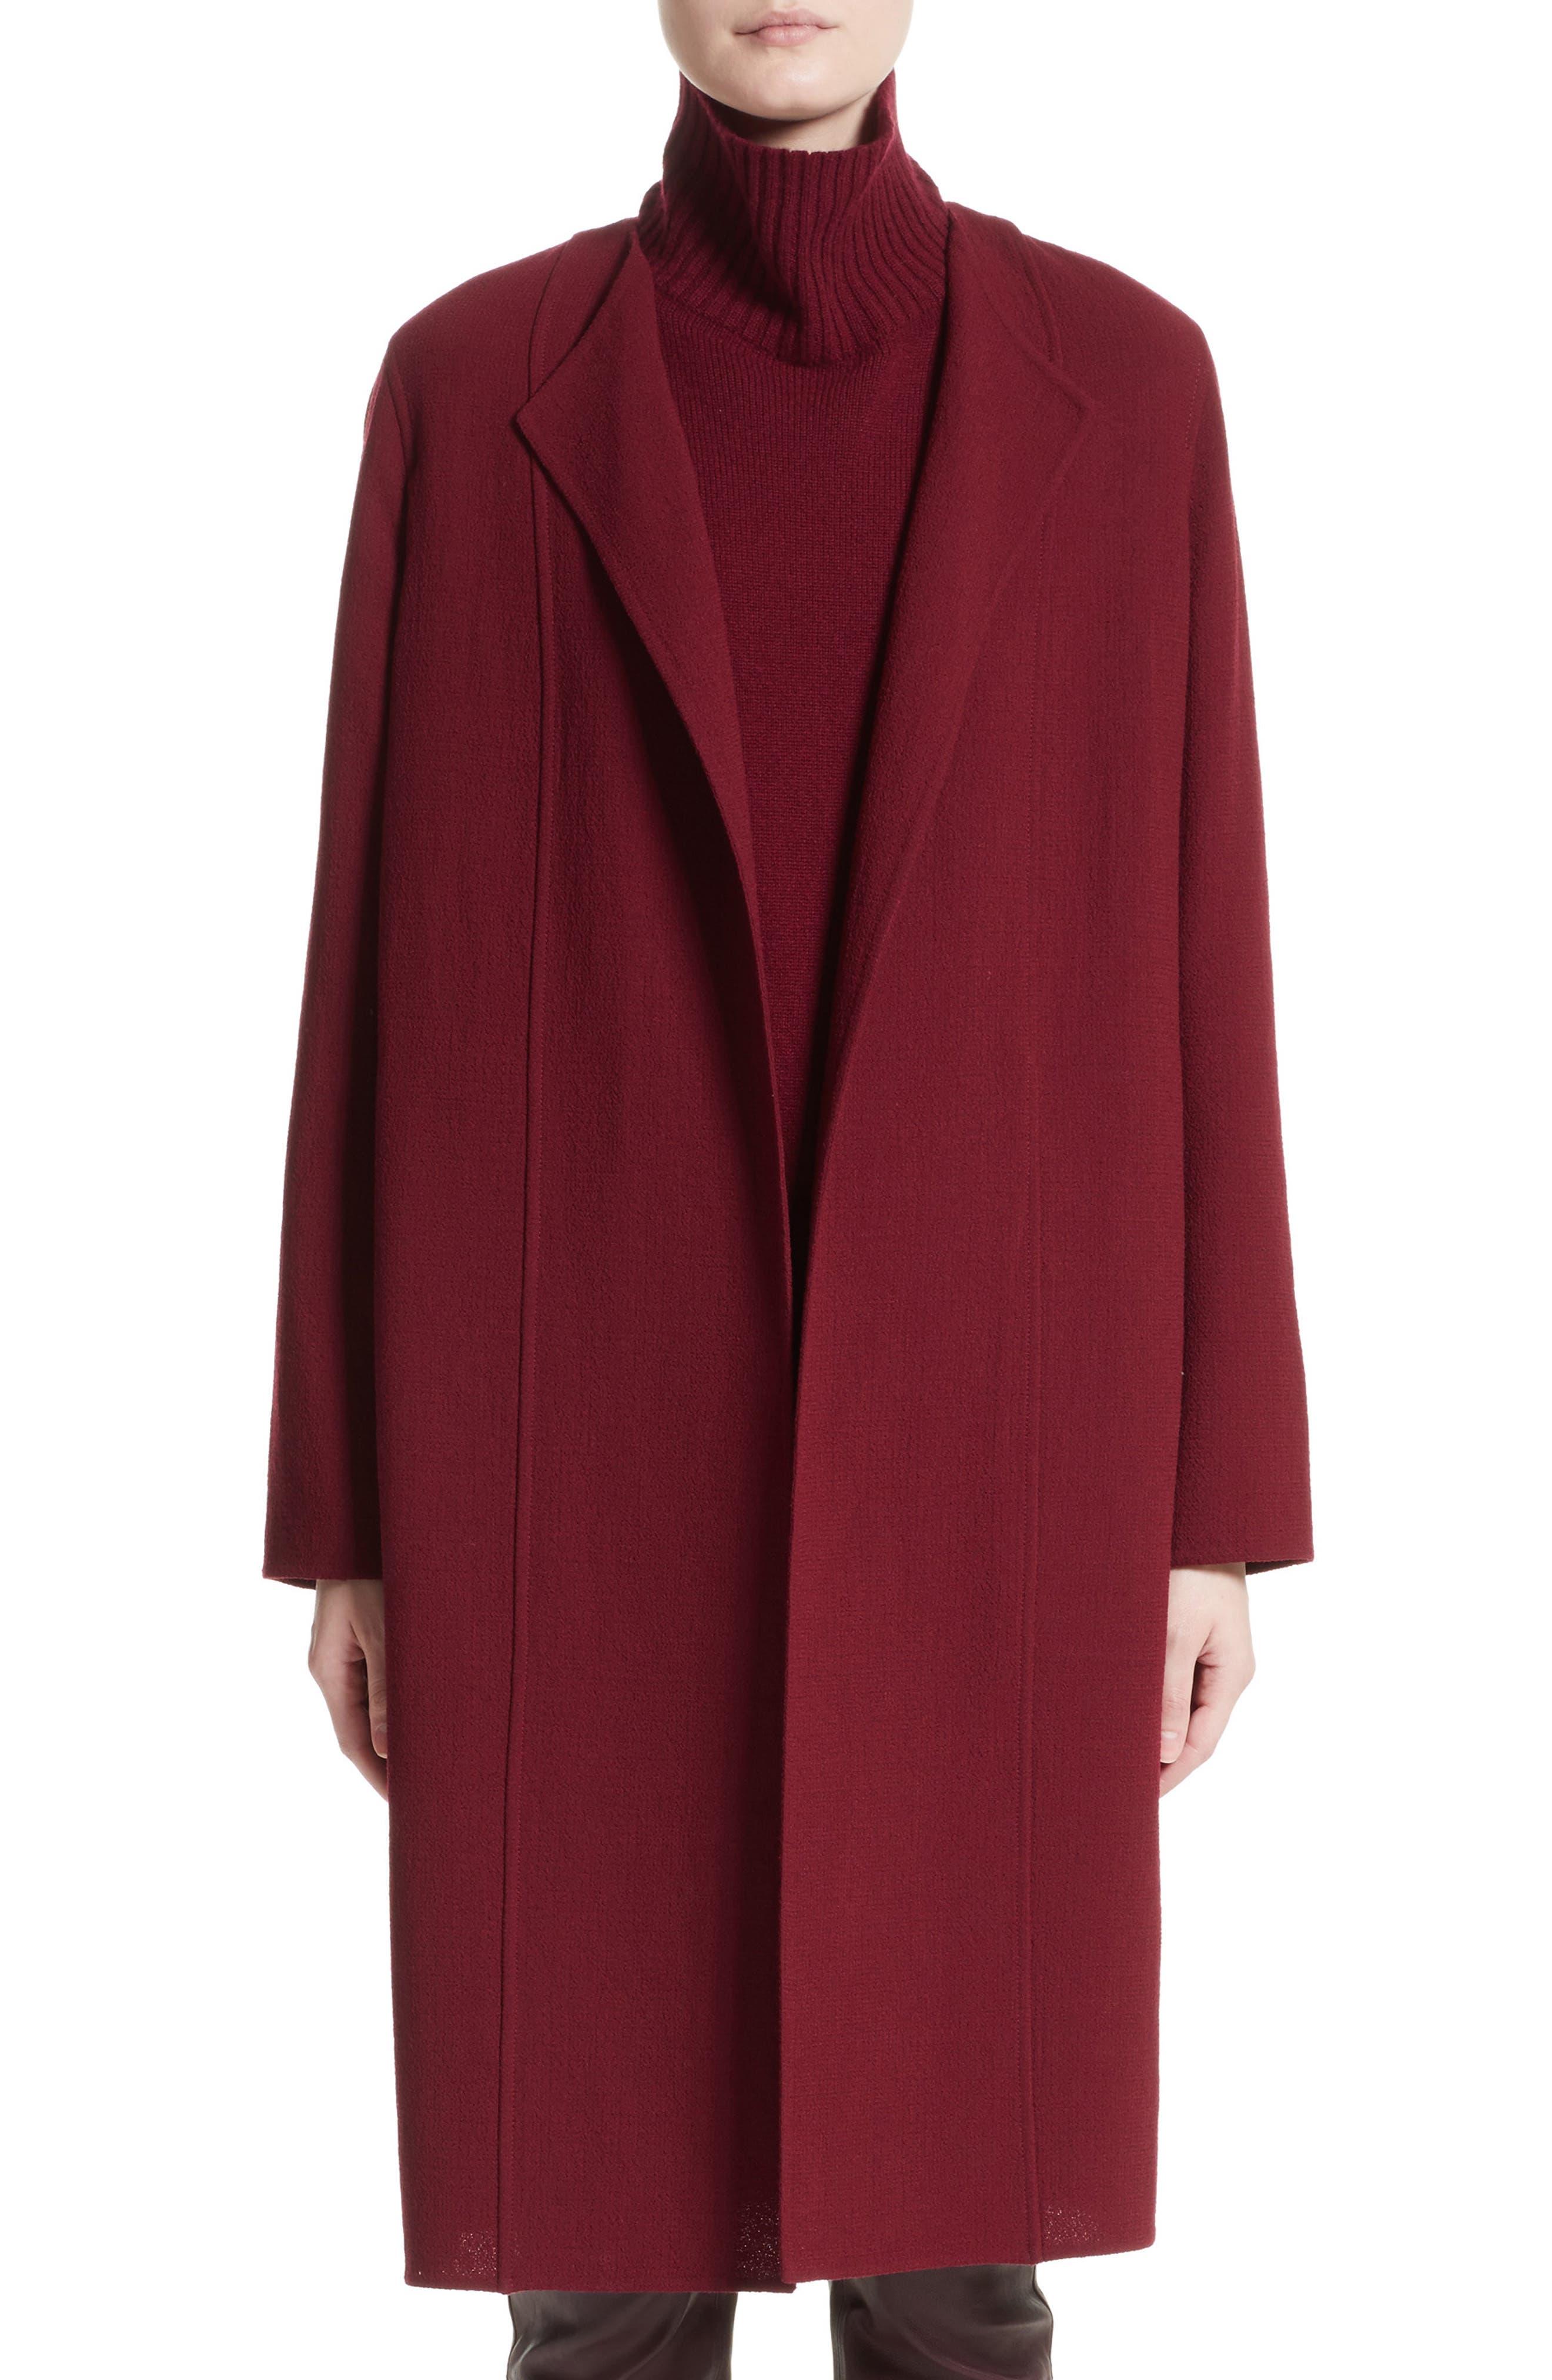 Robyn Nouveau Crepe Coat,                             Main thumbnail 1, color,